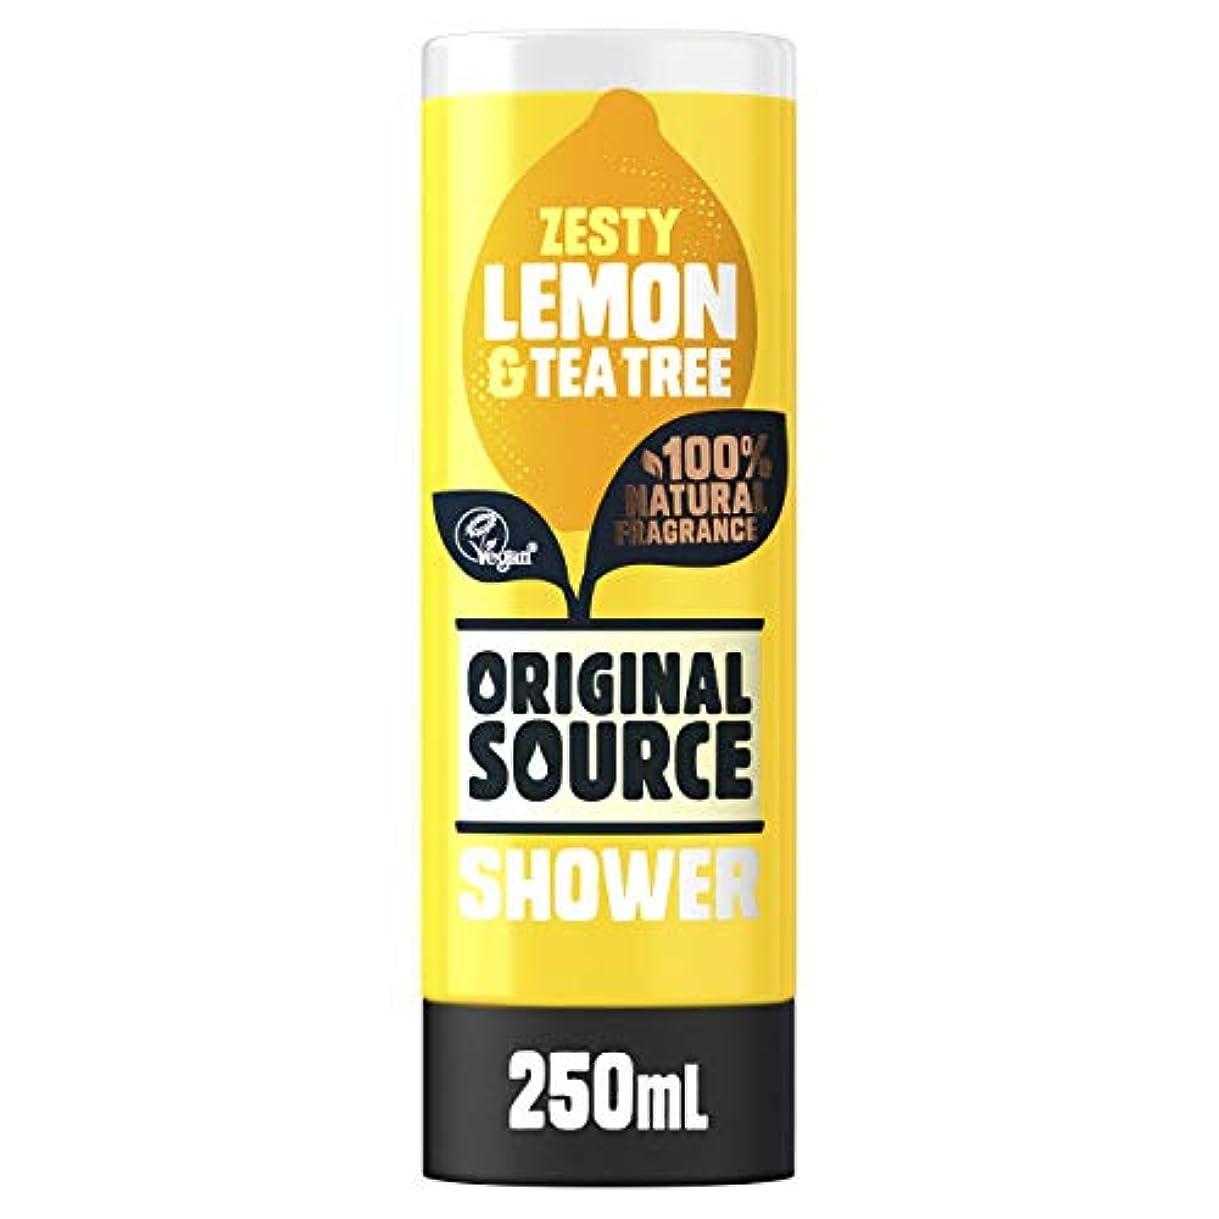 かび臭いあいまいさ稚魚Cussons Lemon and Tea Tree Original Source Shower Gel by PZ CUSSONS (UK) LTD